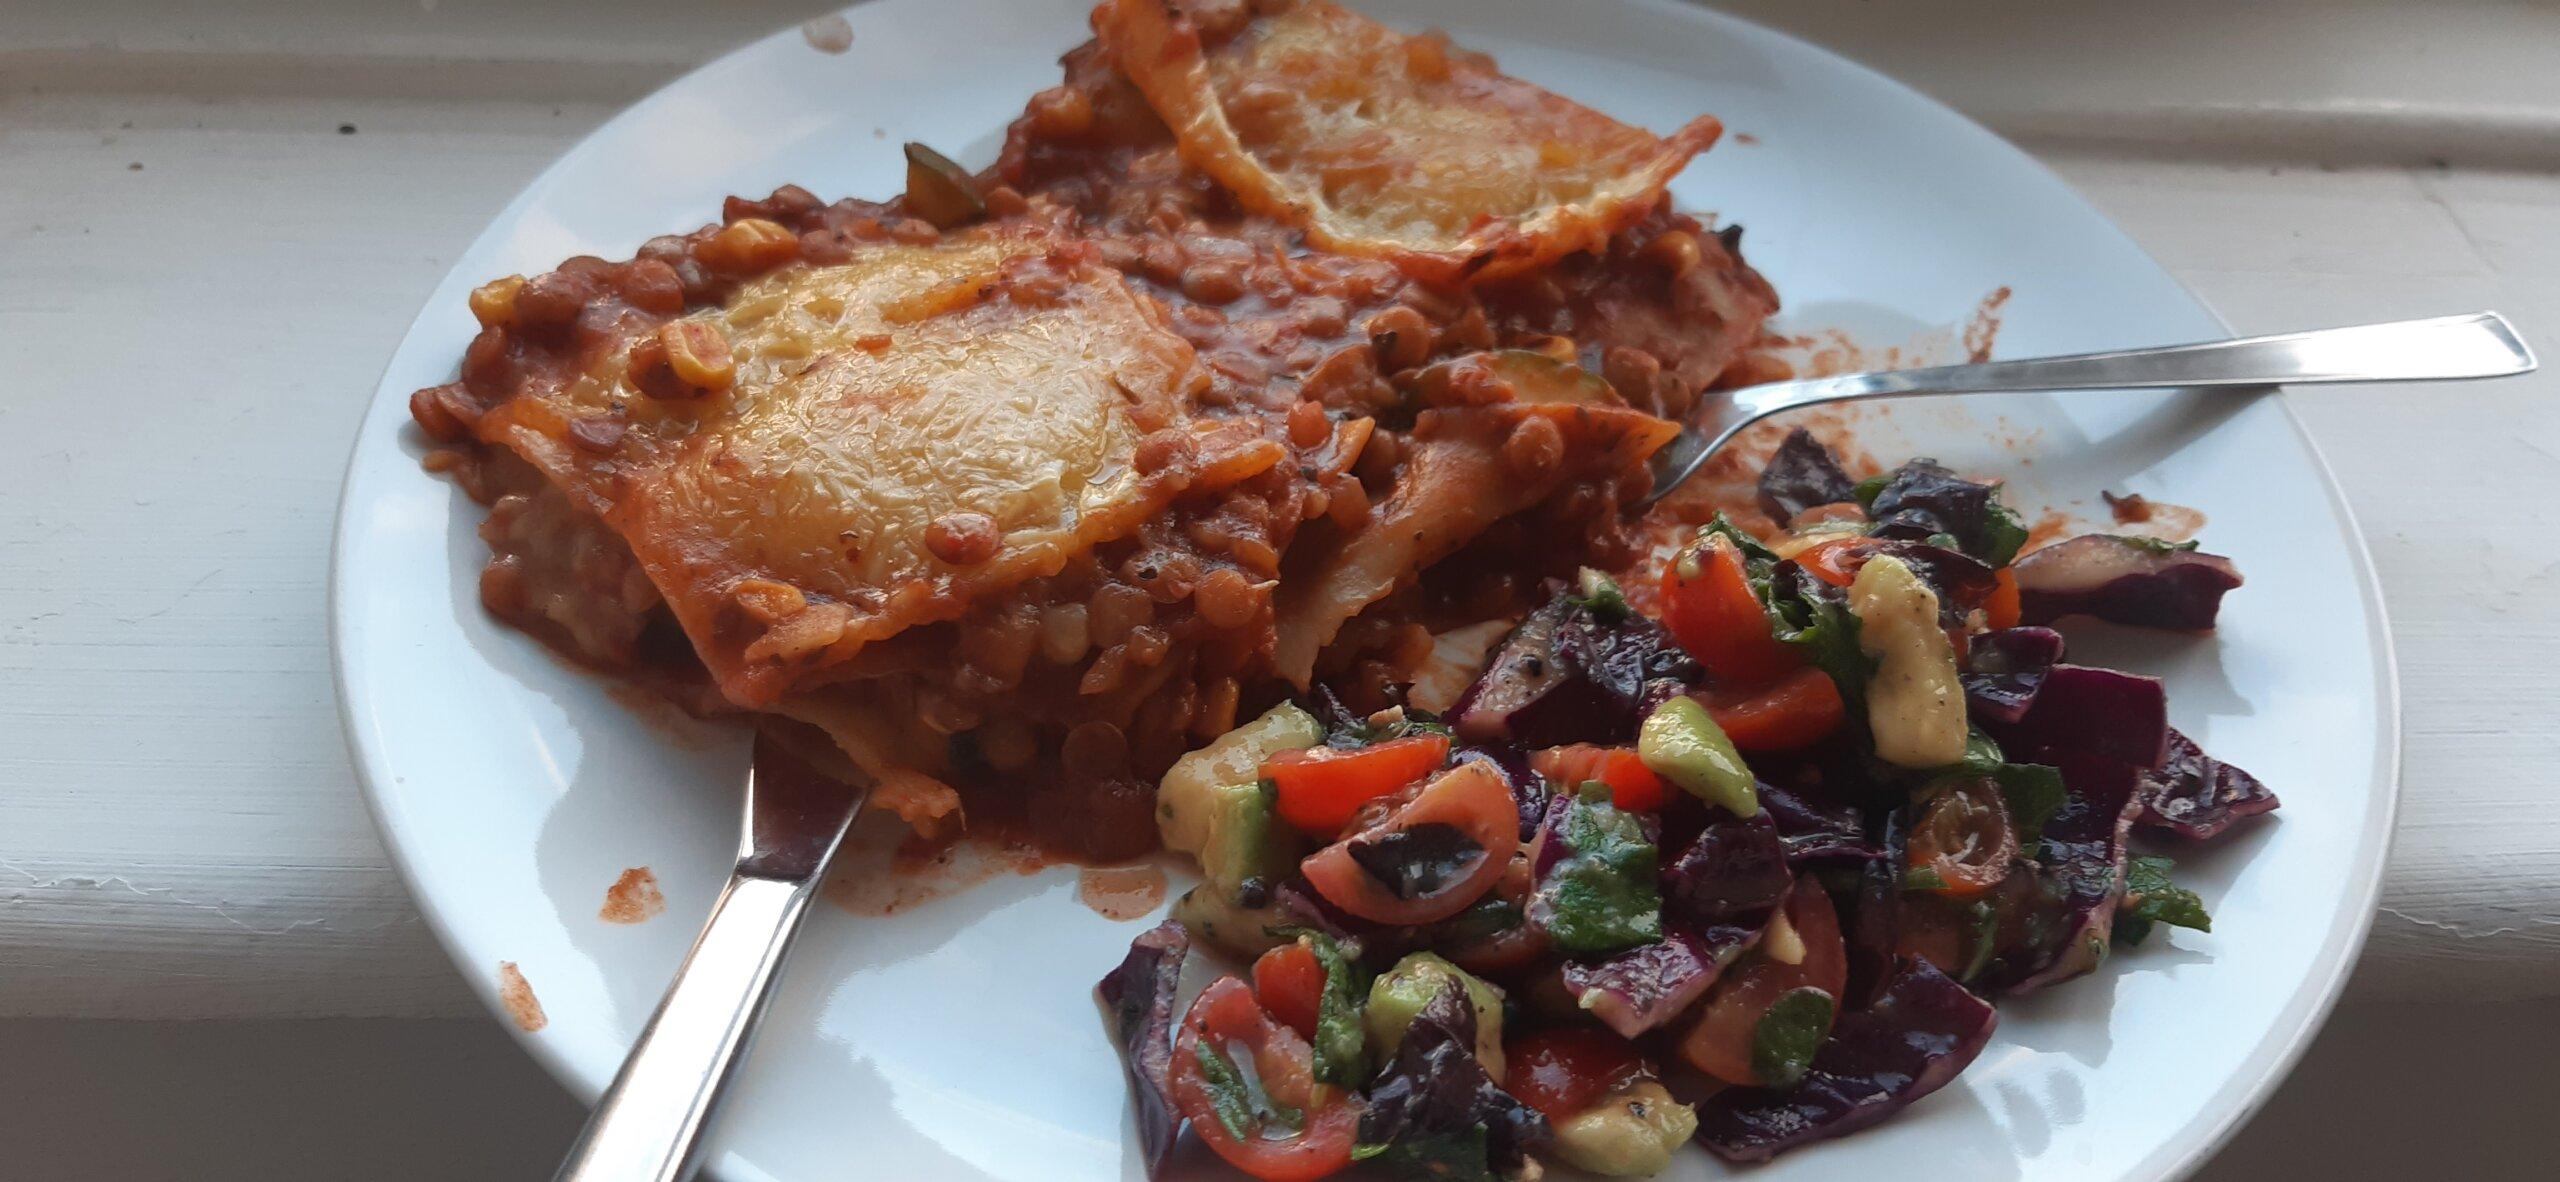 veganised brown lentil gf lasagne